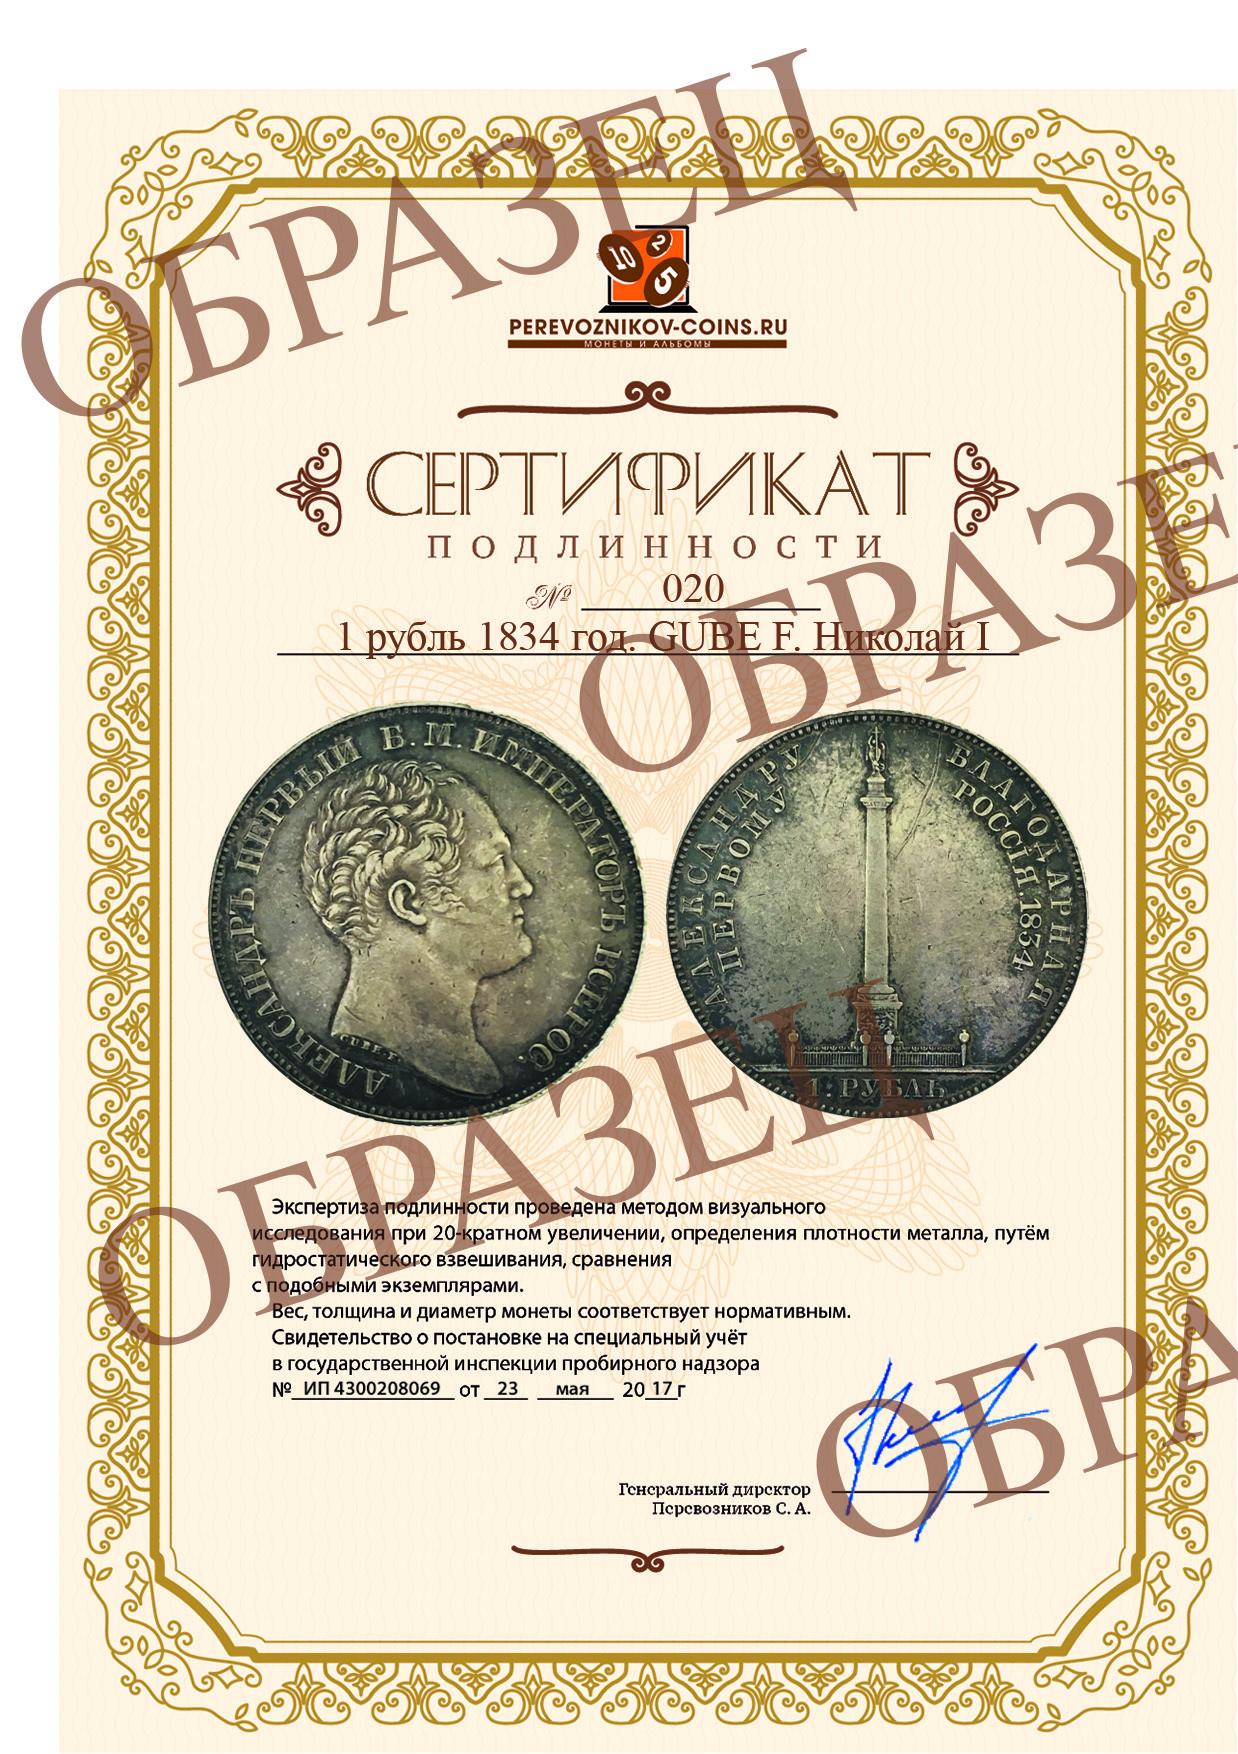 1 рубль 1834 год. GUBE F. Николай I. В память открытия Александровской колонны